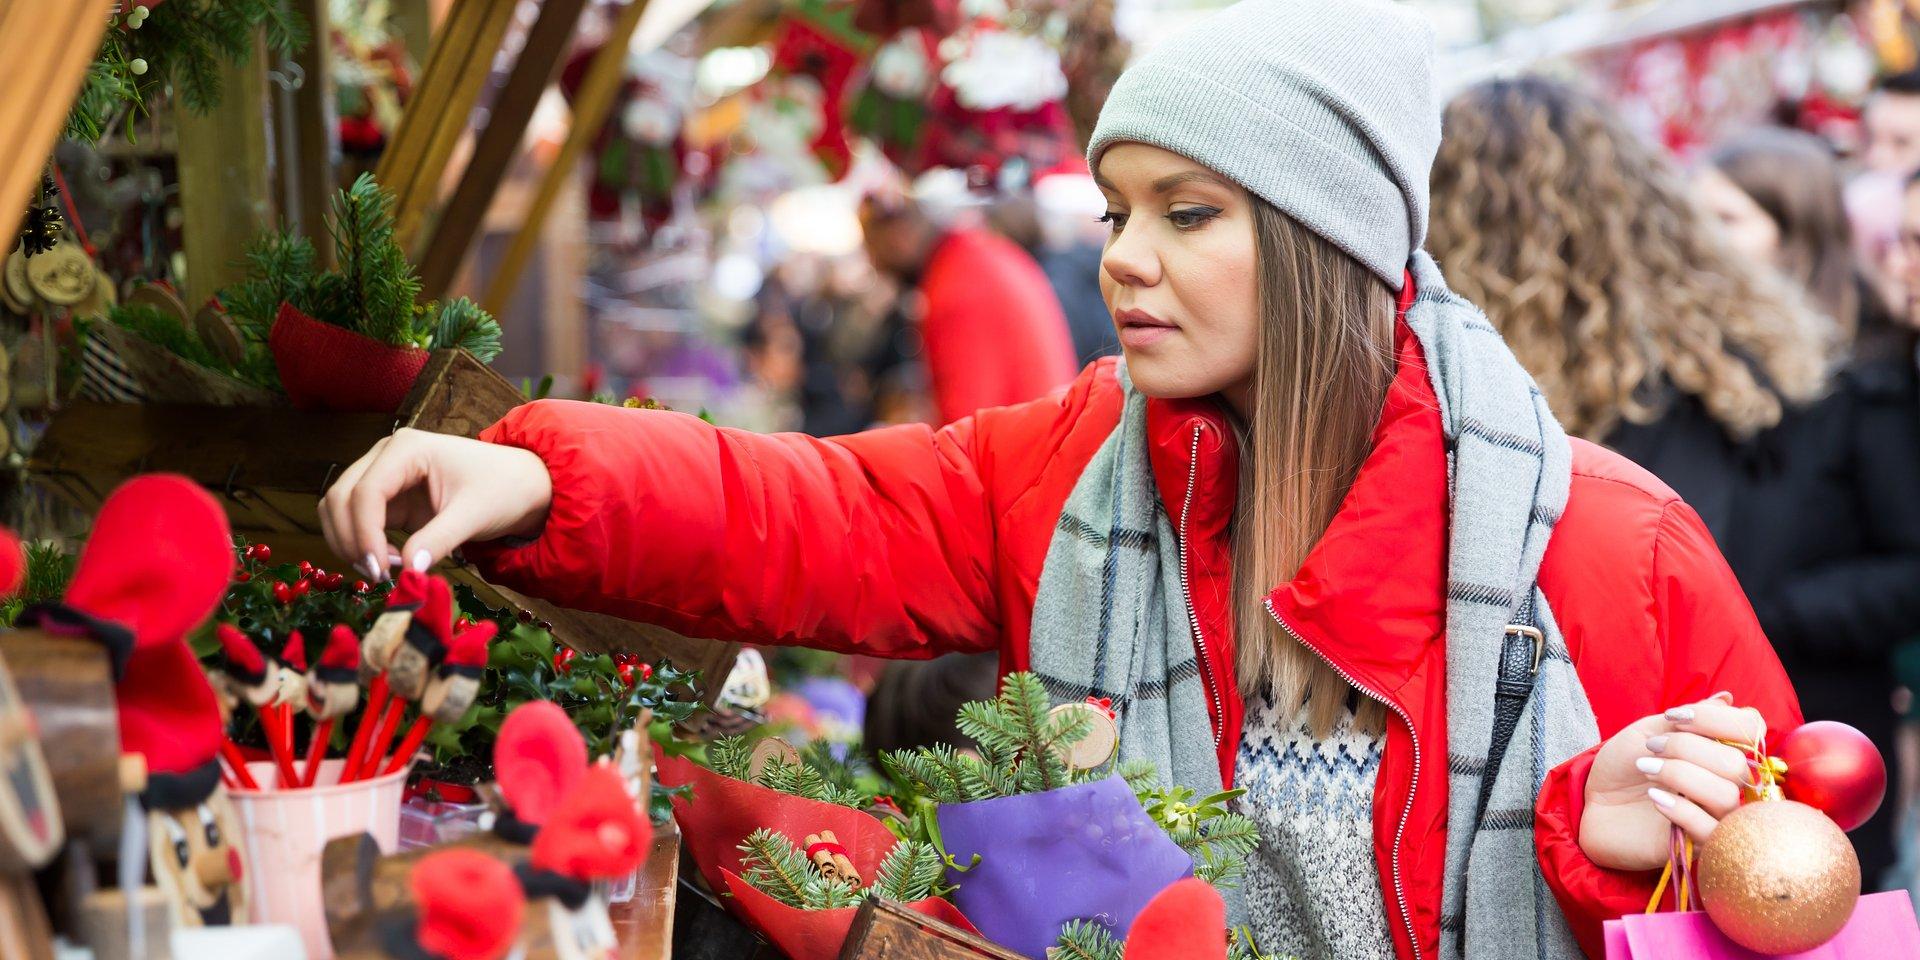 Raport: jak użytkownicy e-commerce kupują prezenty świąteczne?